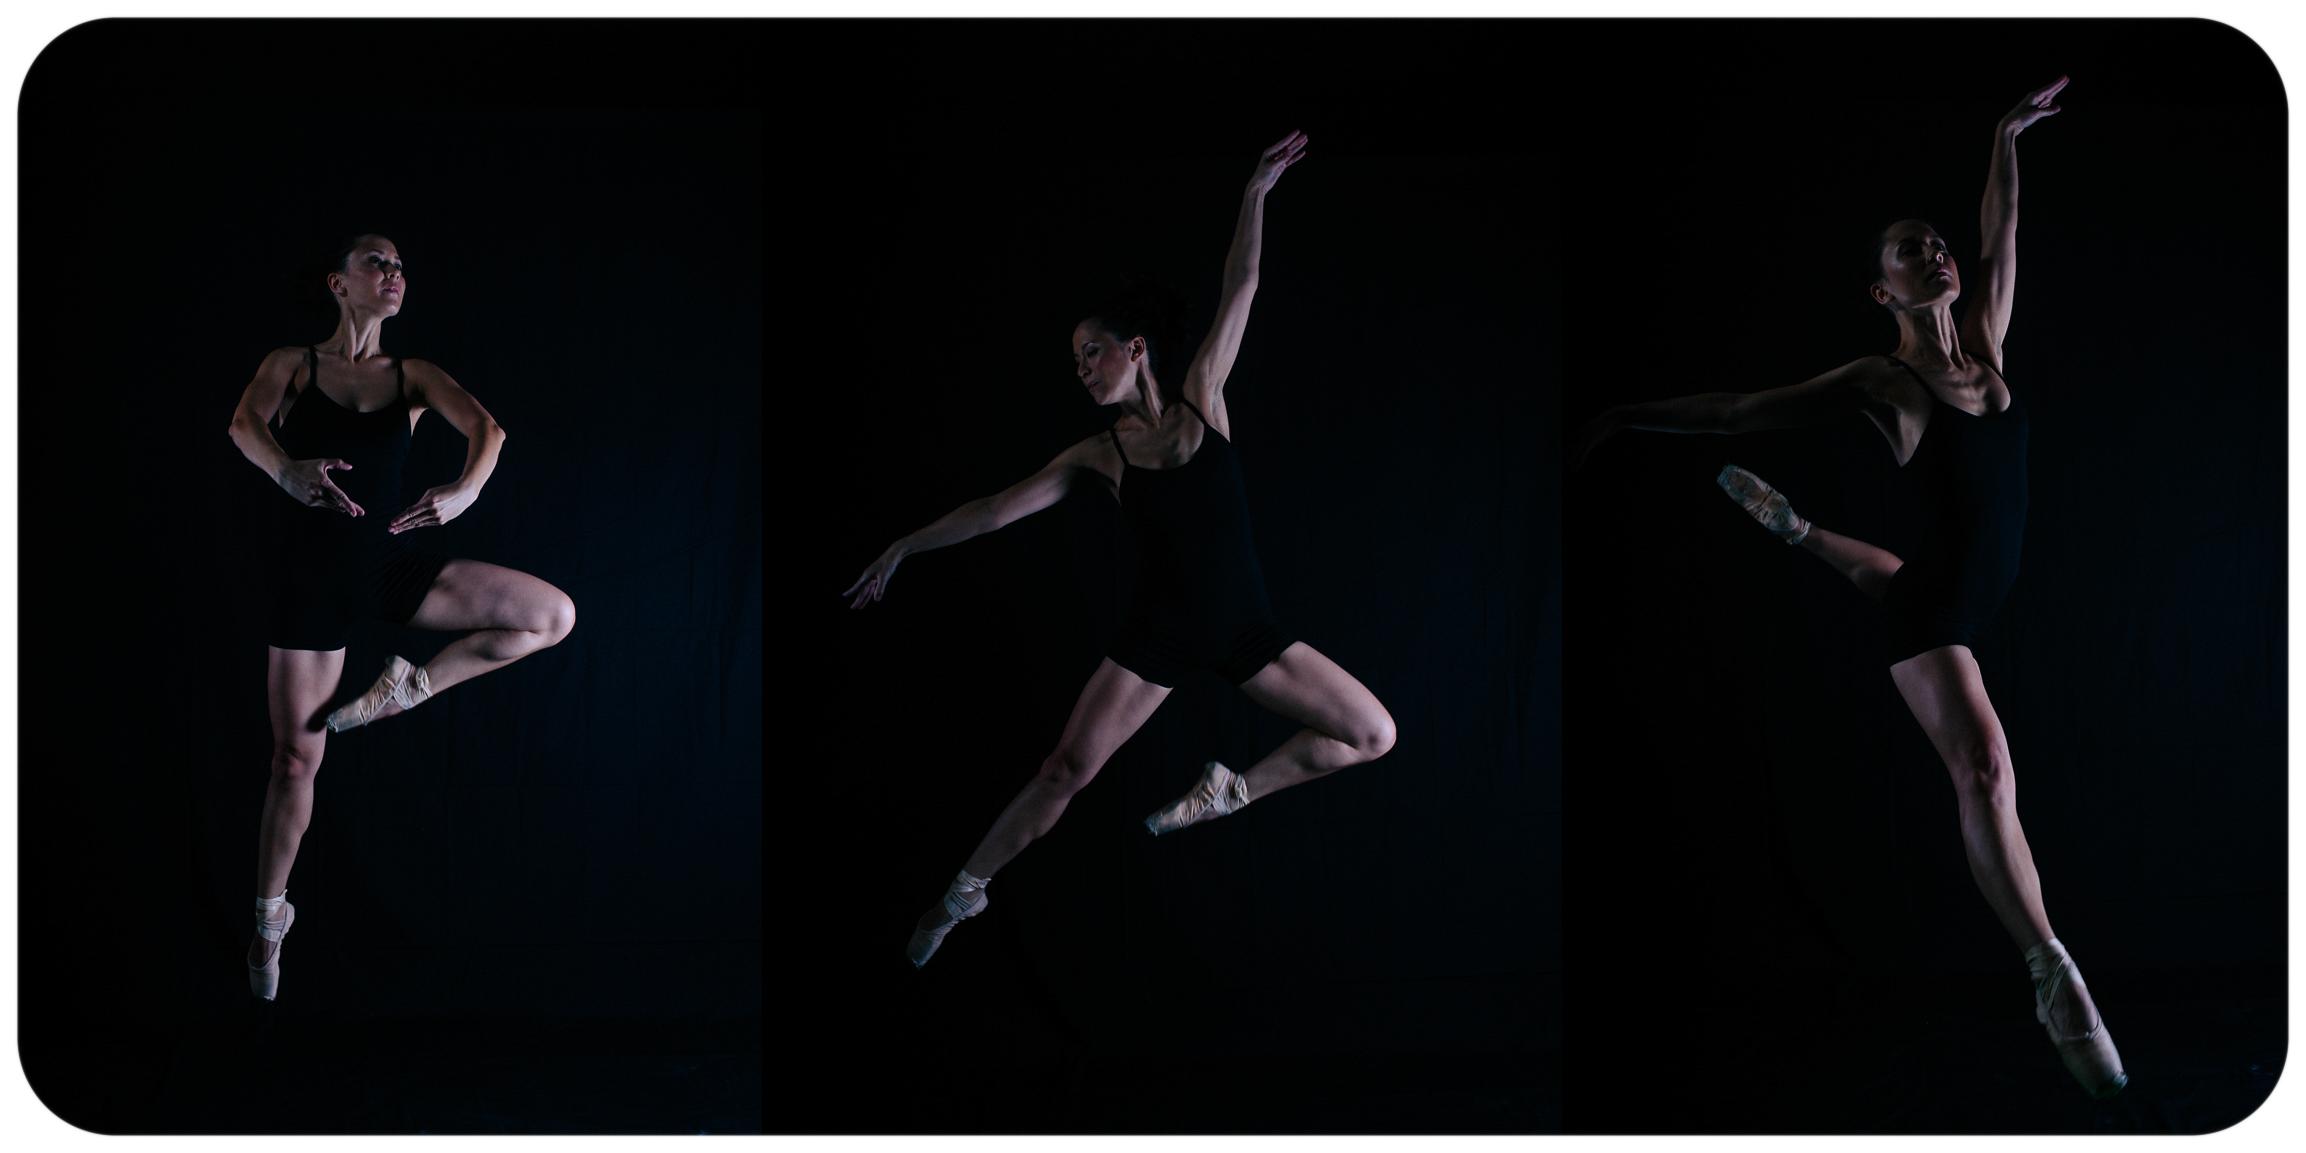 Velvet_Dust_Sport_Ballet_Series_00003.jpg